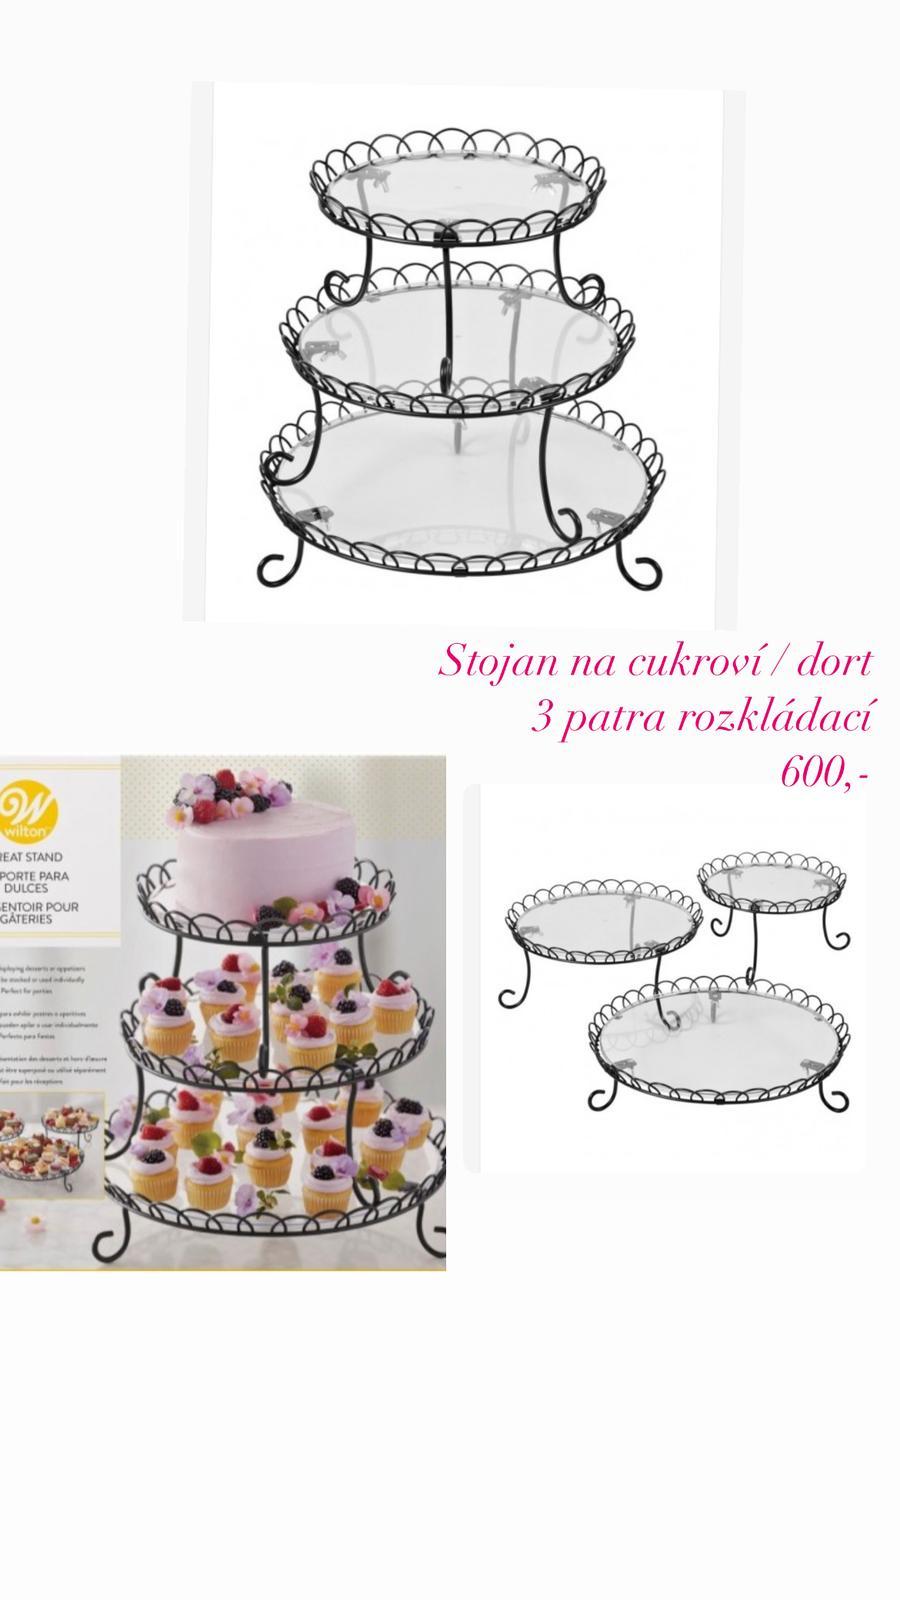 stojan na cukroví / dort 3 patra - Obrázek č. 1